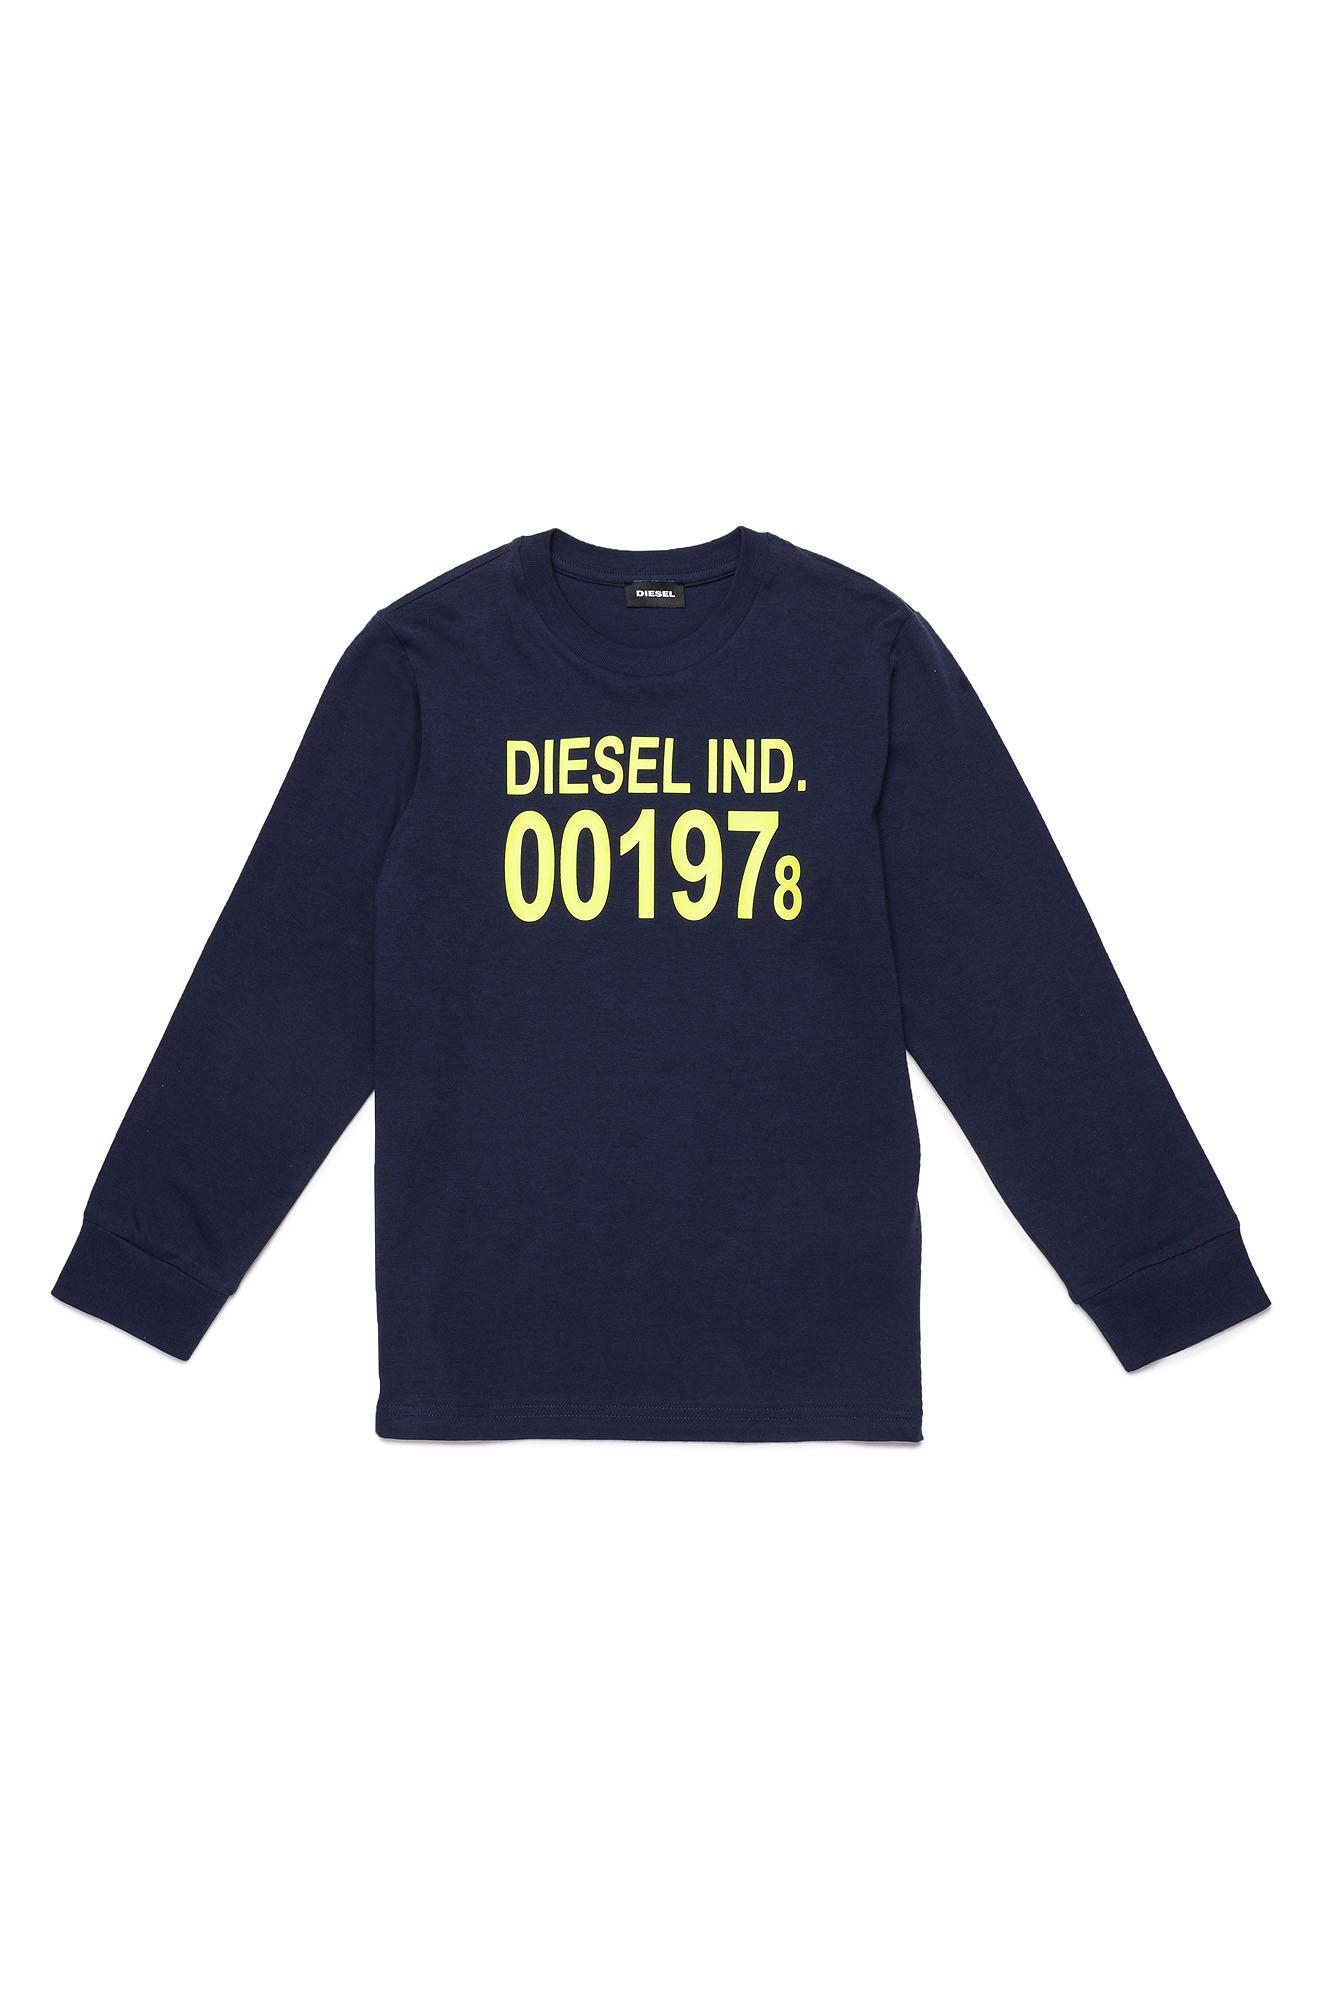 Tdiego001978 Ml Maglietta - Diesel Kid